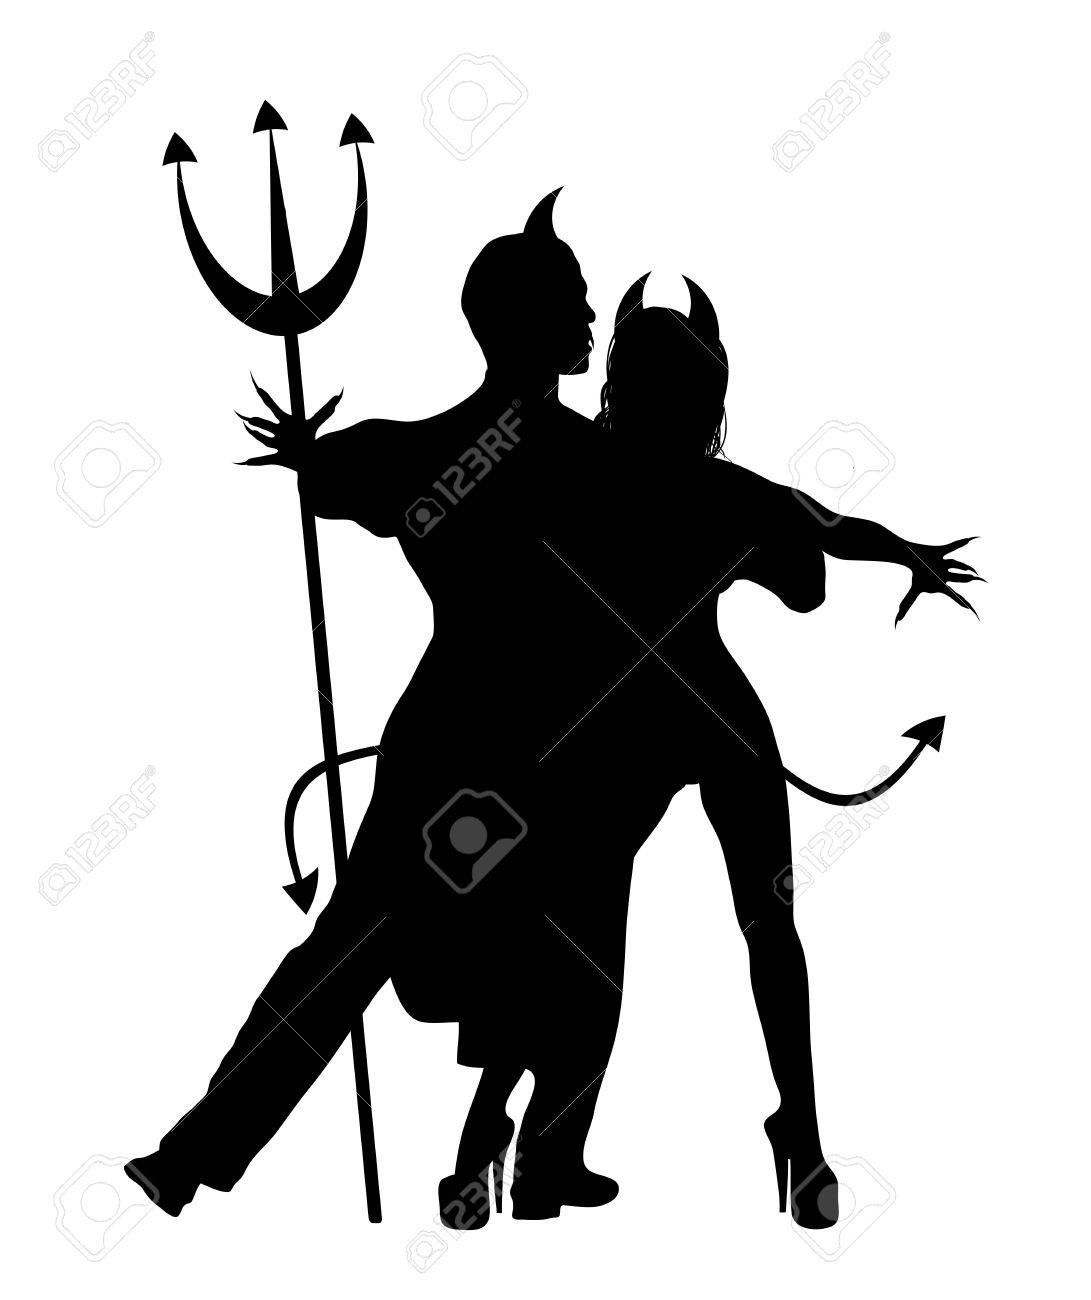 halloween silhouette of devil couple dancing stock photo 3559468 - Dancing Halloween